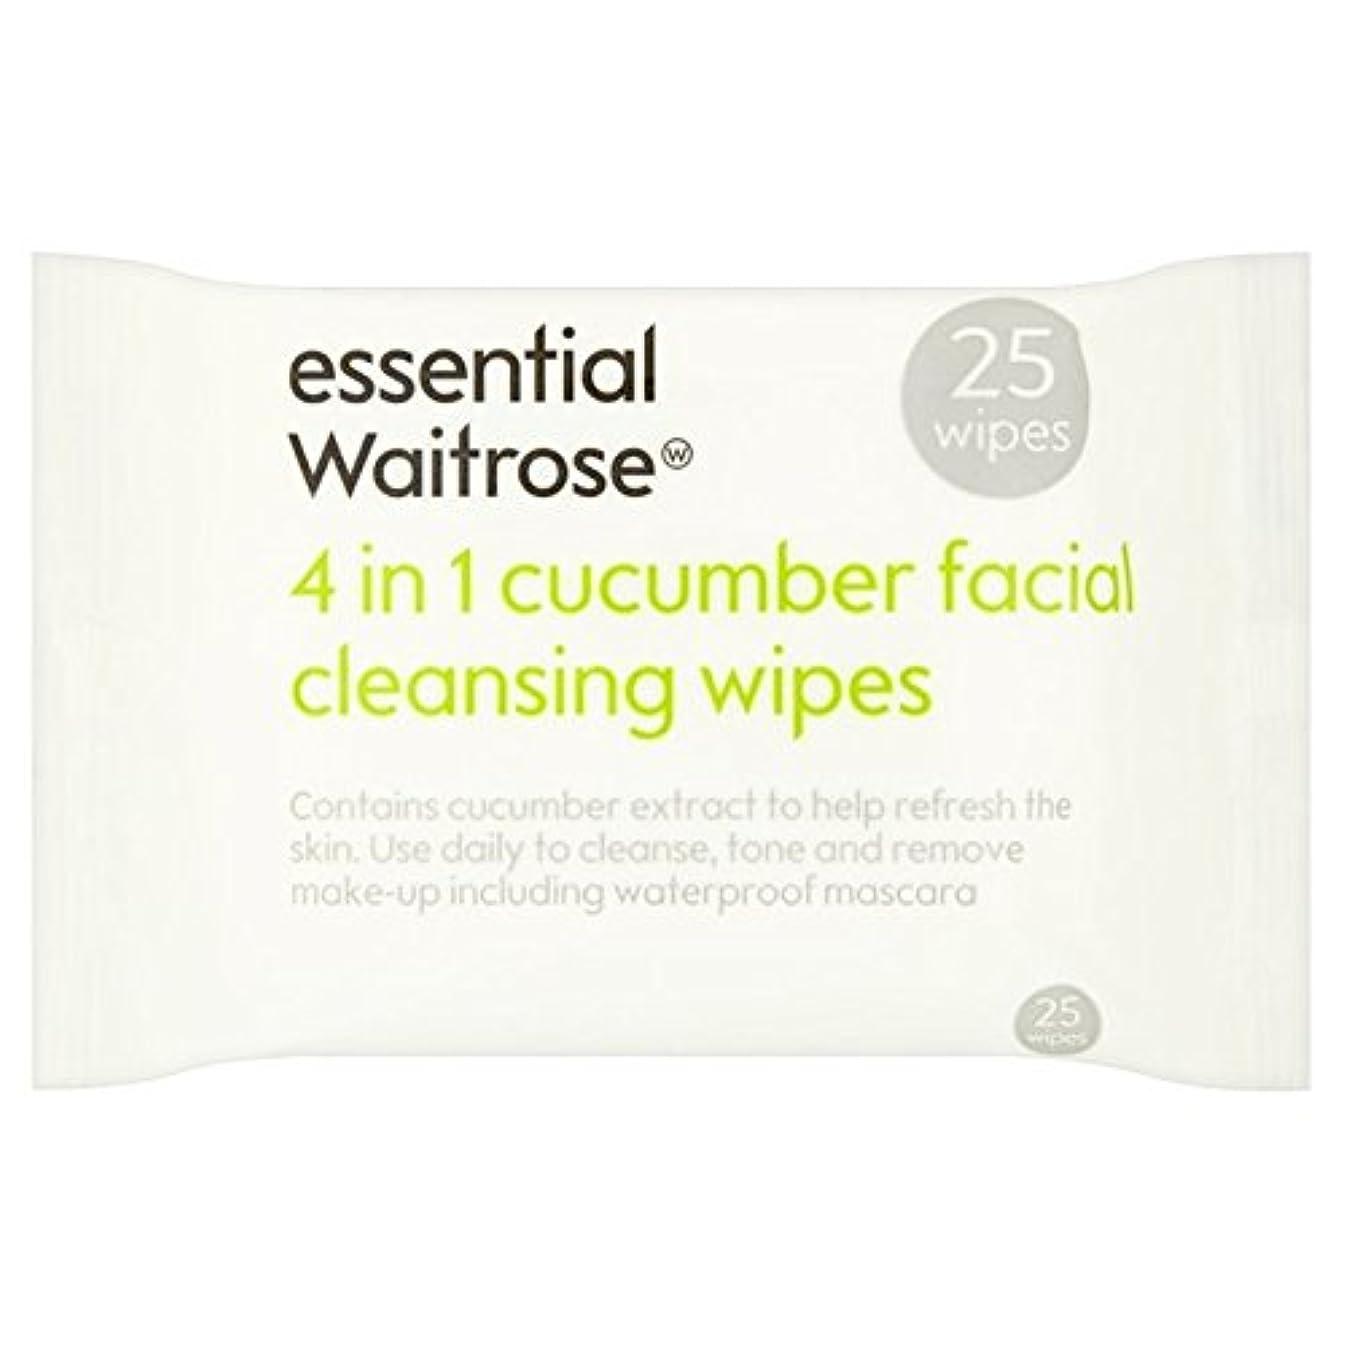 熟読金貸し救援Cucumber Facial Wipes essential Waitrose 25 per pack (Pack of 6) - キュウリ顔のワイプパックあたり不可欠ウェイトローズ25 x6 [並行輸入品]